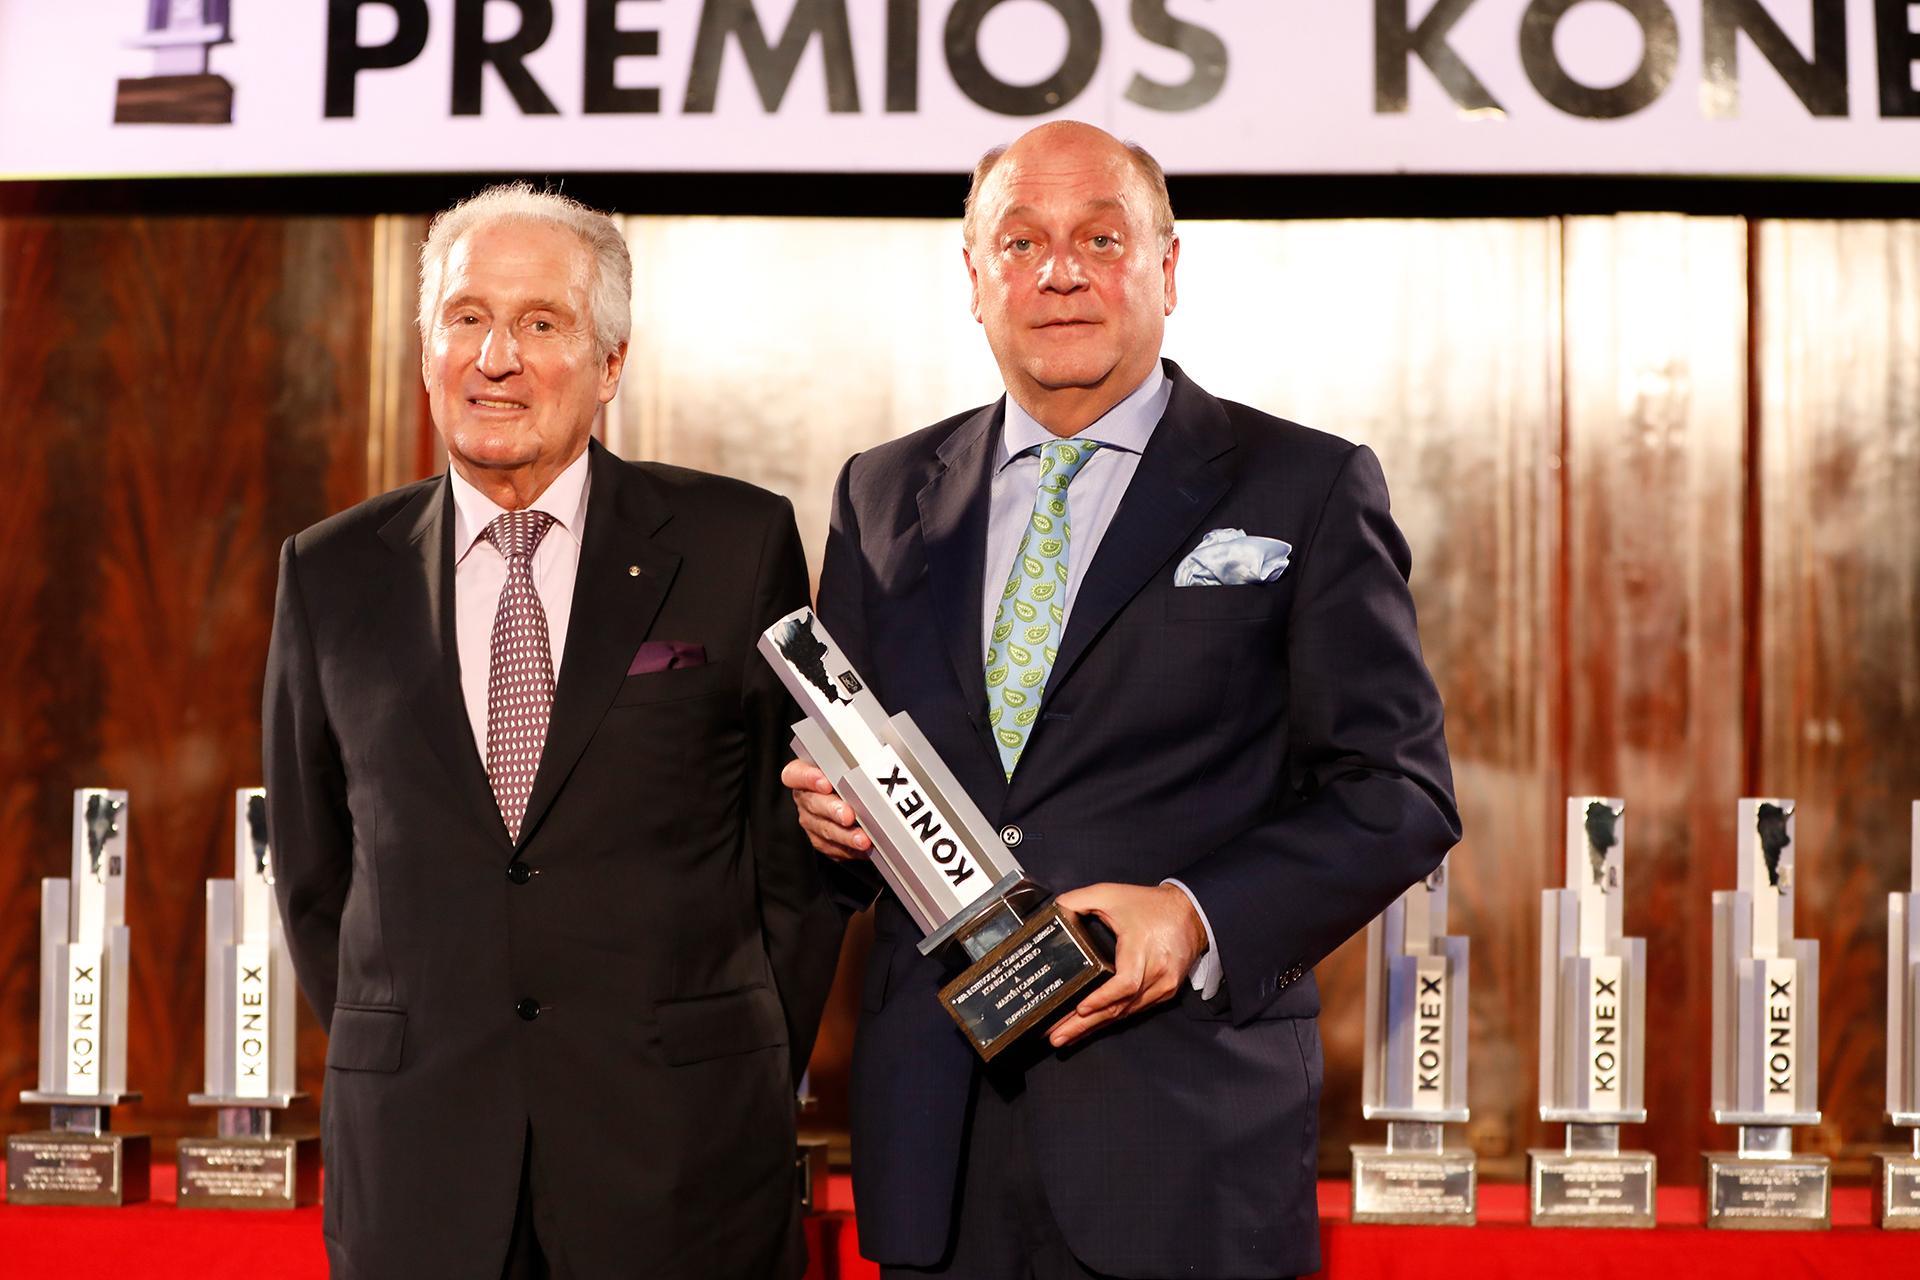 Martín Cabrales fue el ganador del Konex de Platino en la disciplina Empresarios PyME